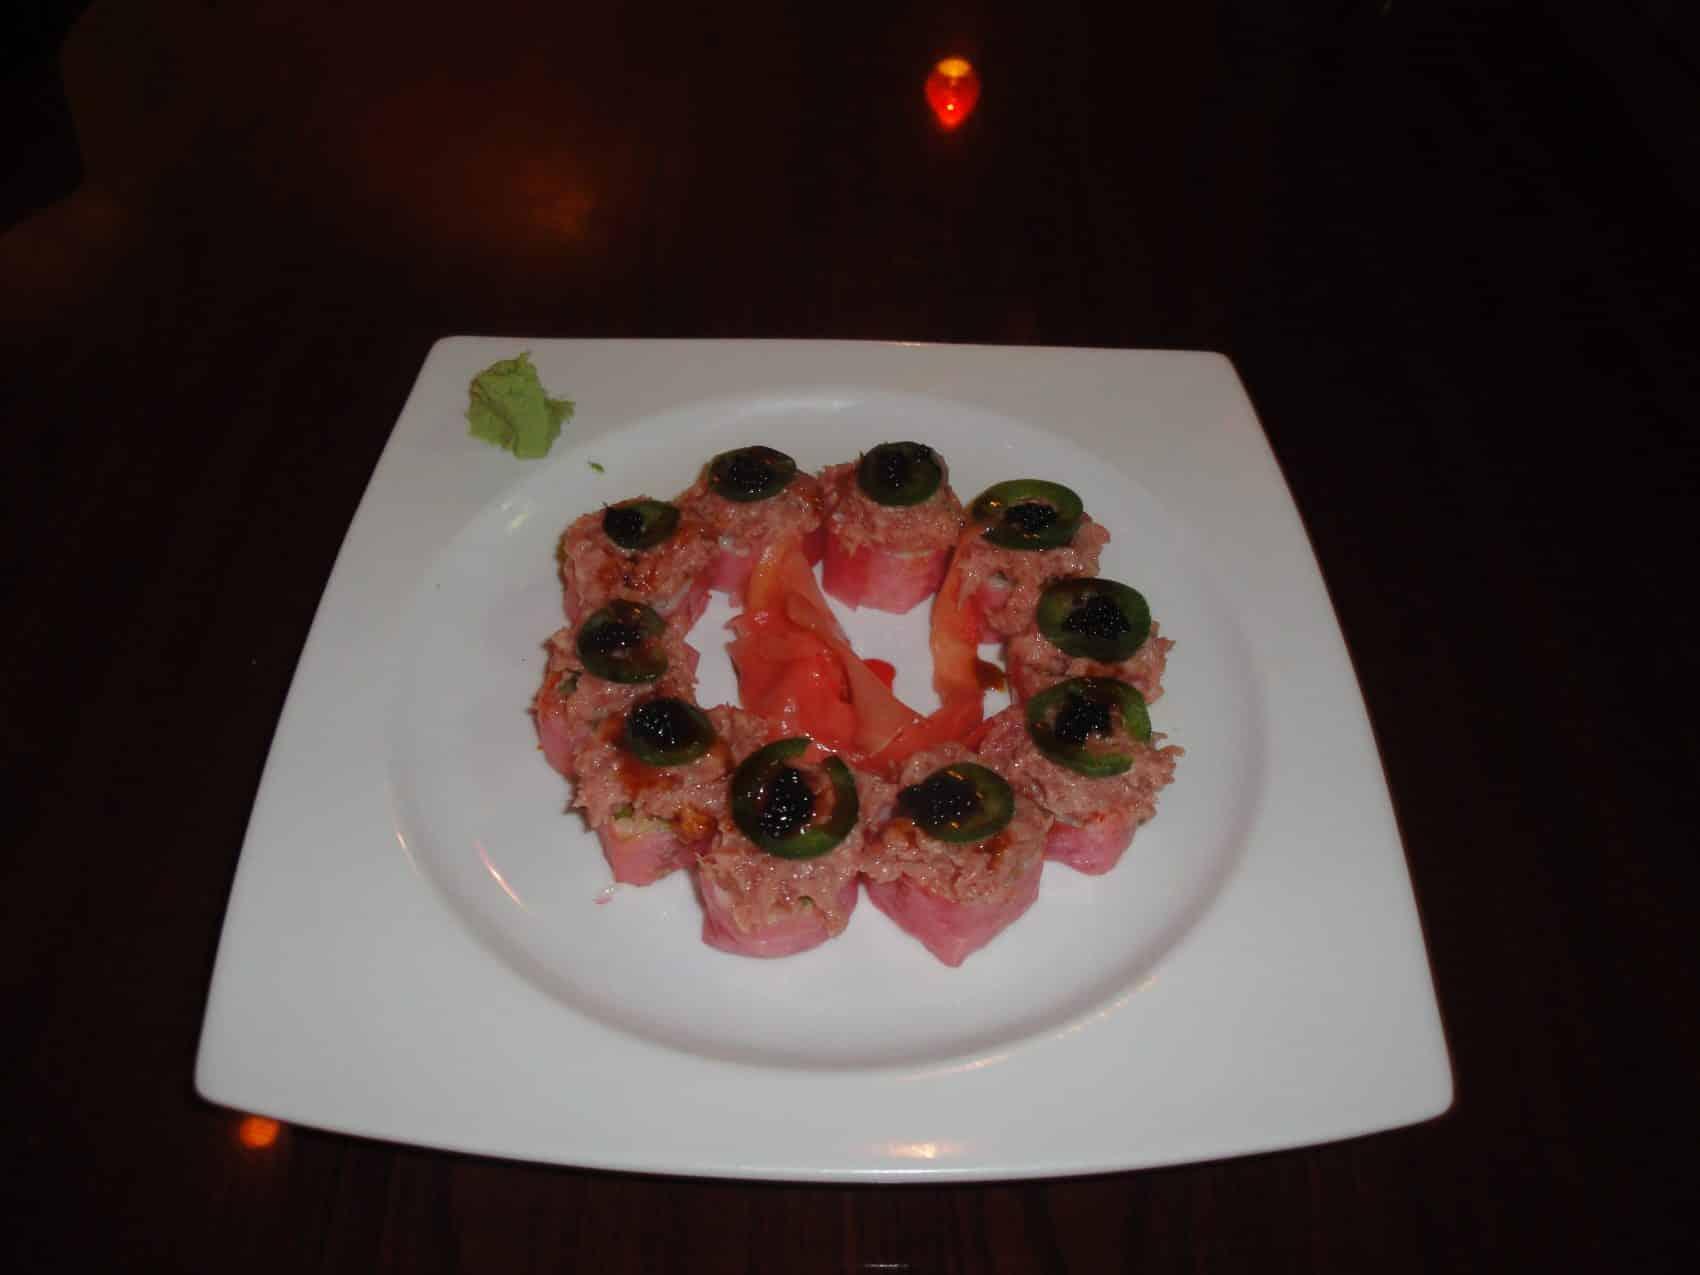 Entree - Rise Sushi - Creative Asian Cuisine